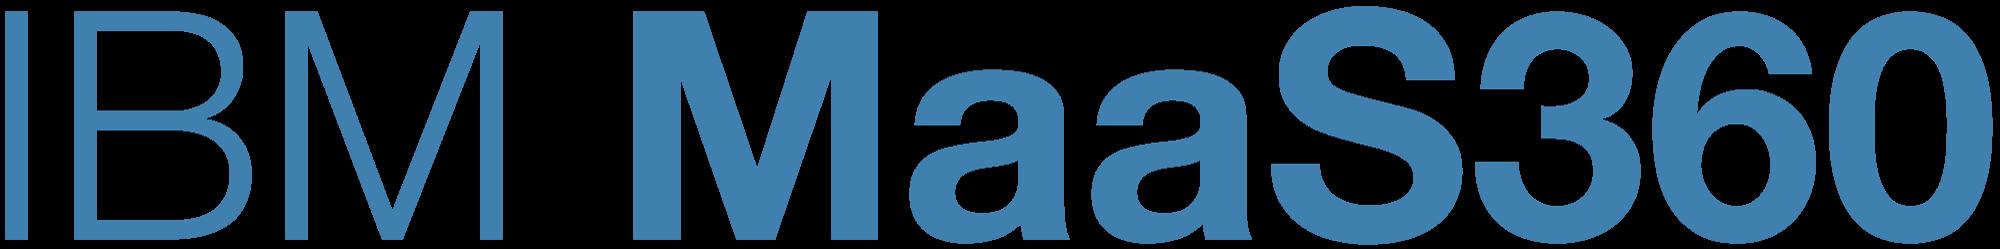 ibm_maas360_logo.png